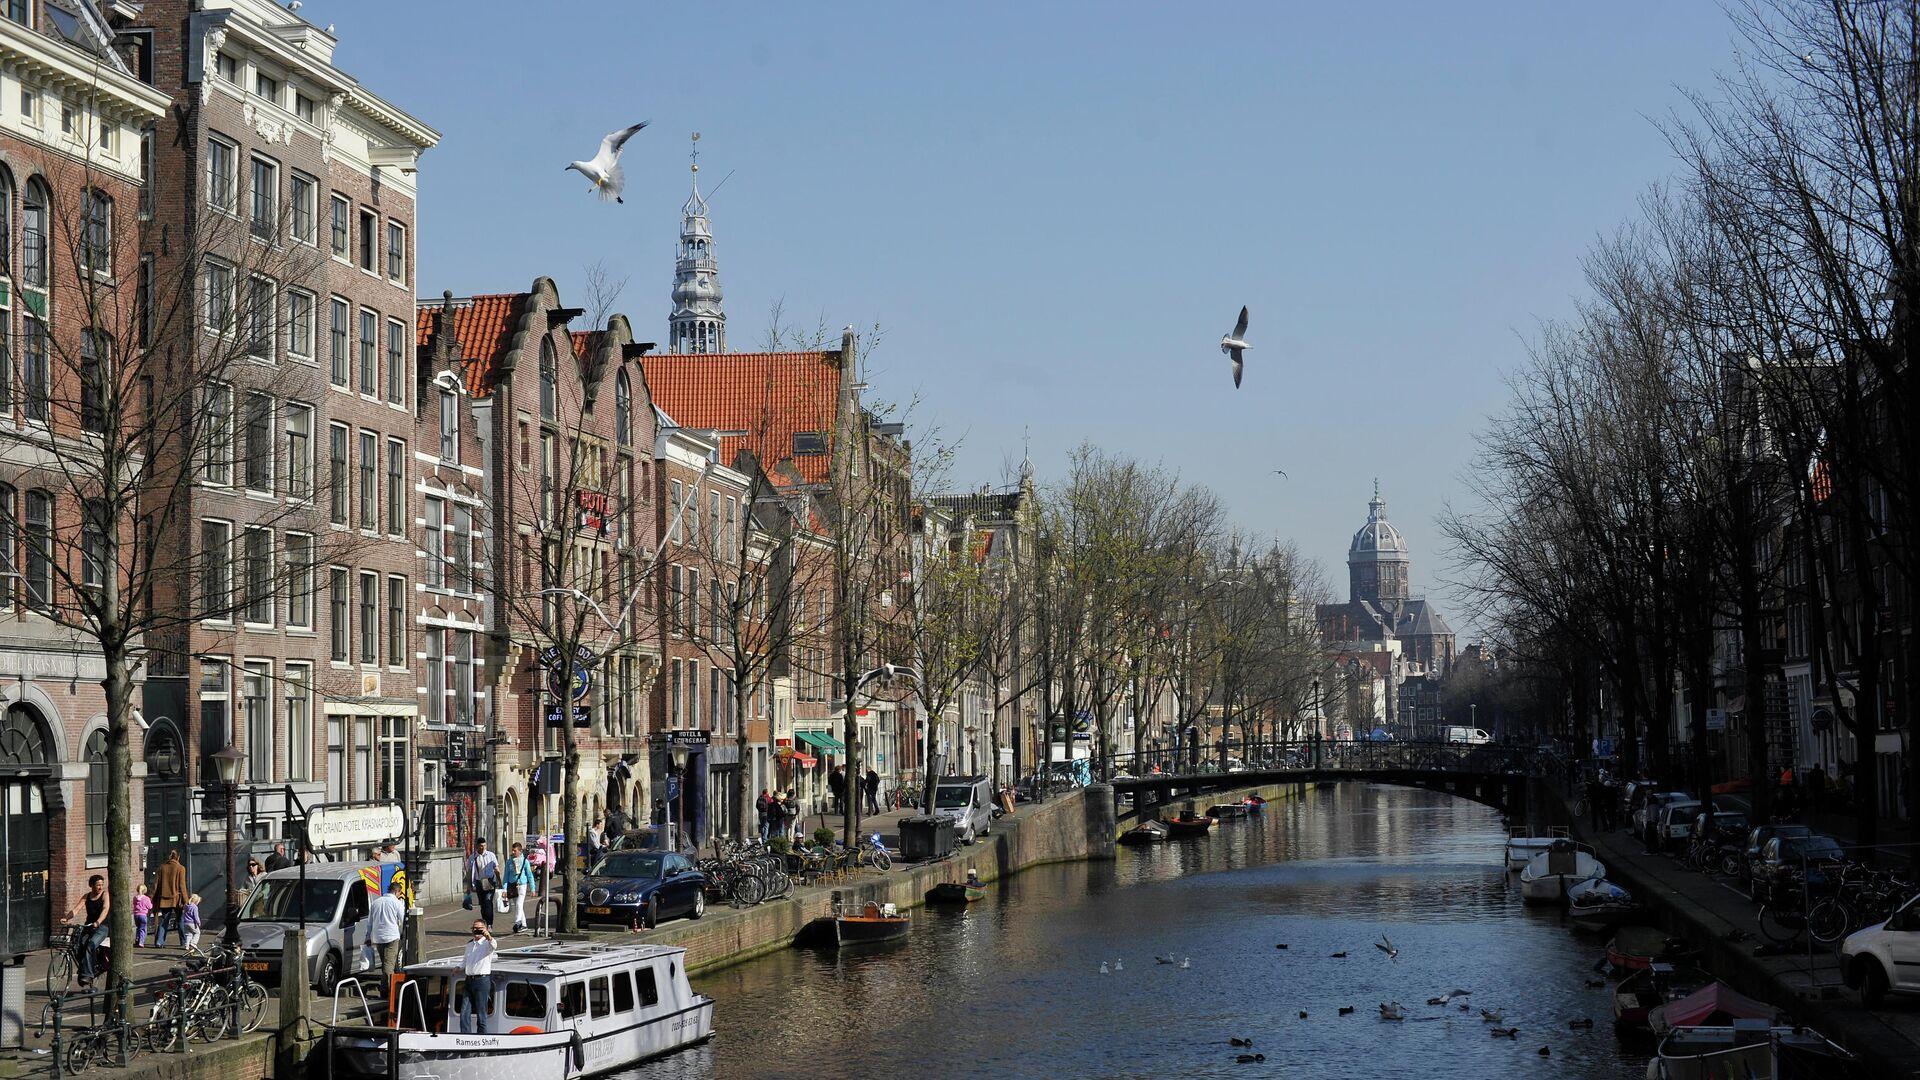 Вид на один из каналов в Амстердаме - РИА Новости, 1920, 04.06.2019